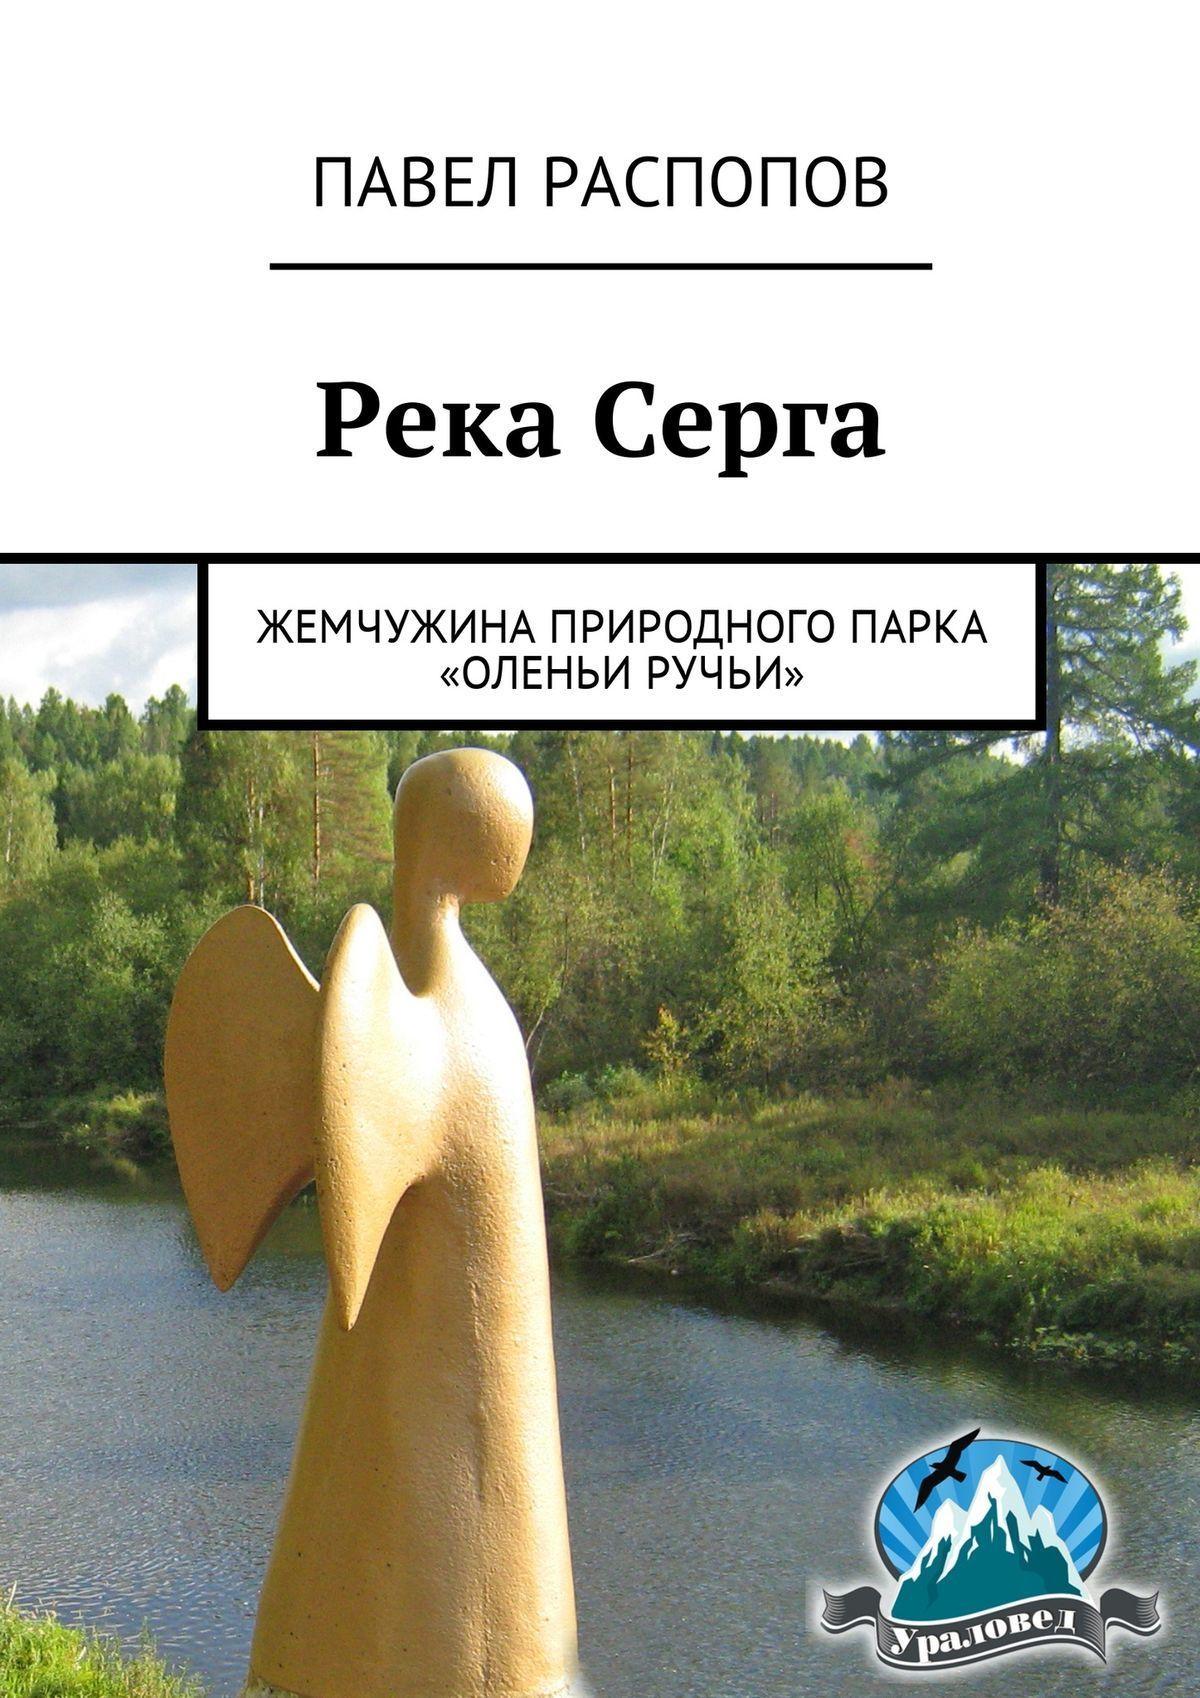 Павел Распопов Река Серга. Жемчужина природного парка «Оленьи ручьи»